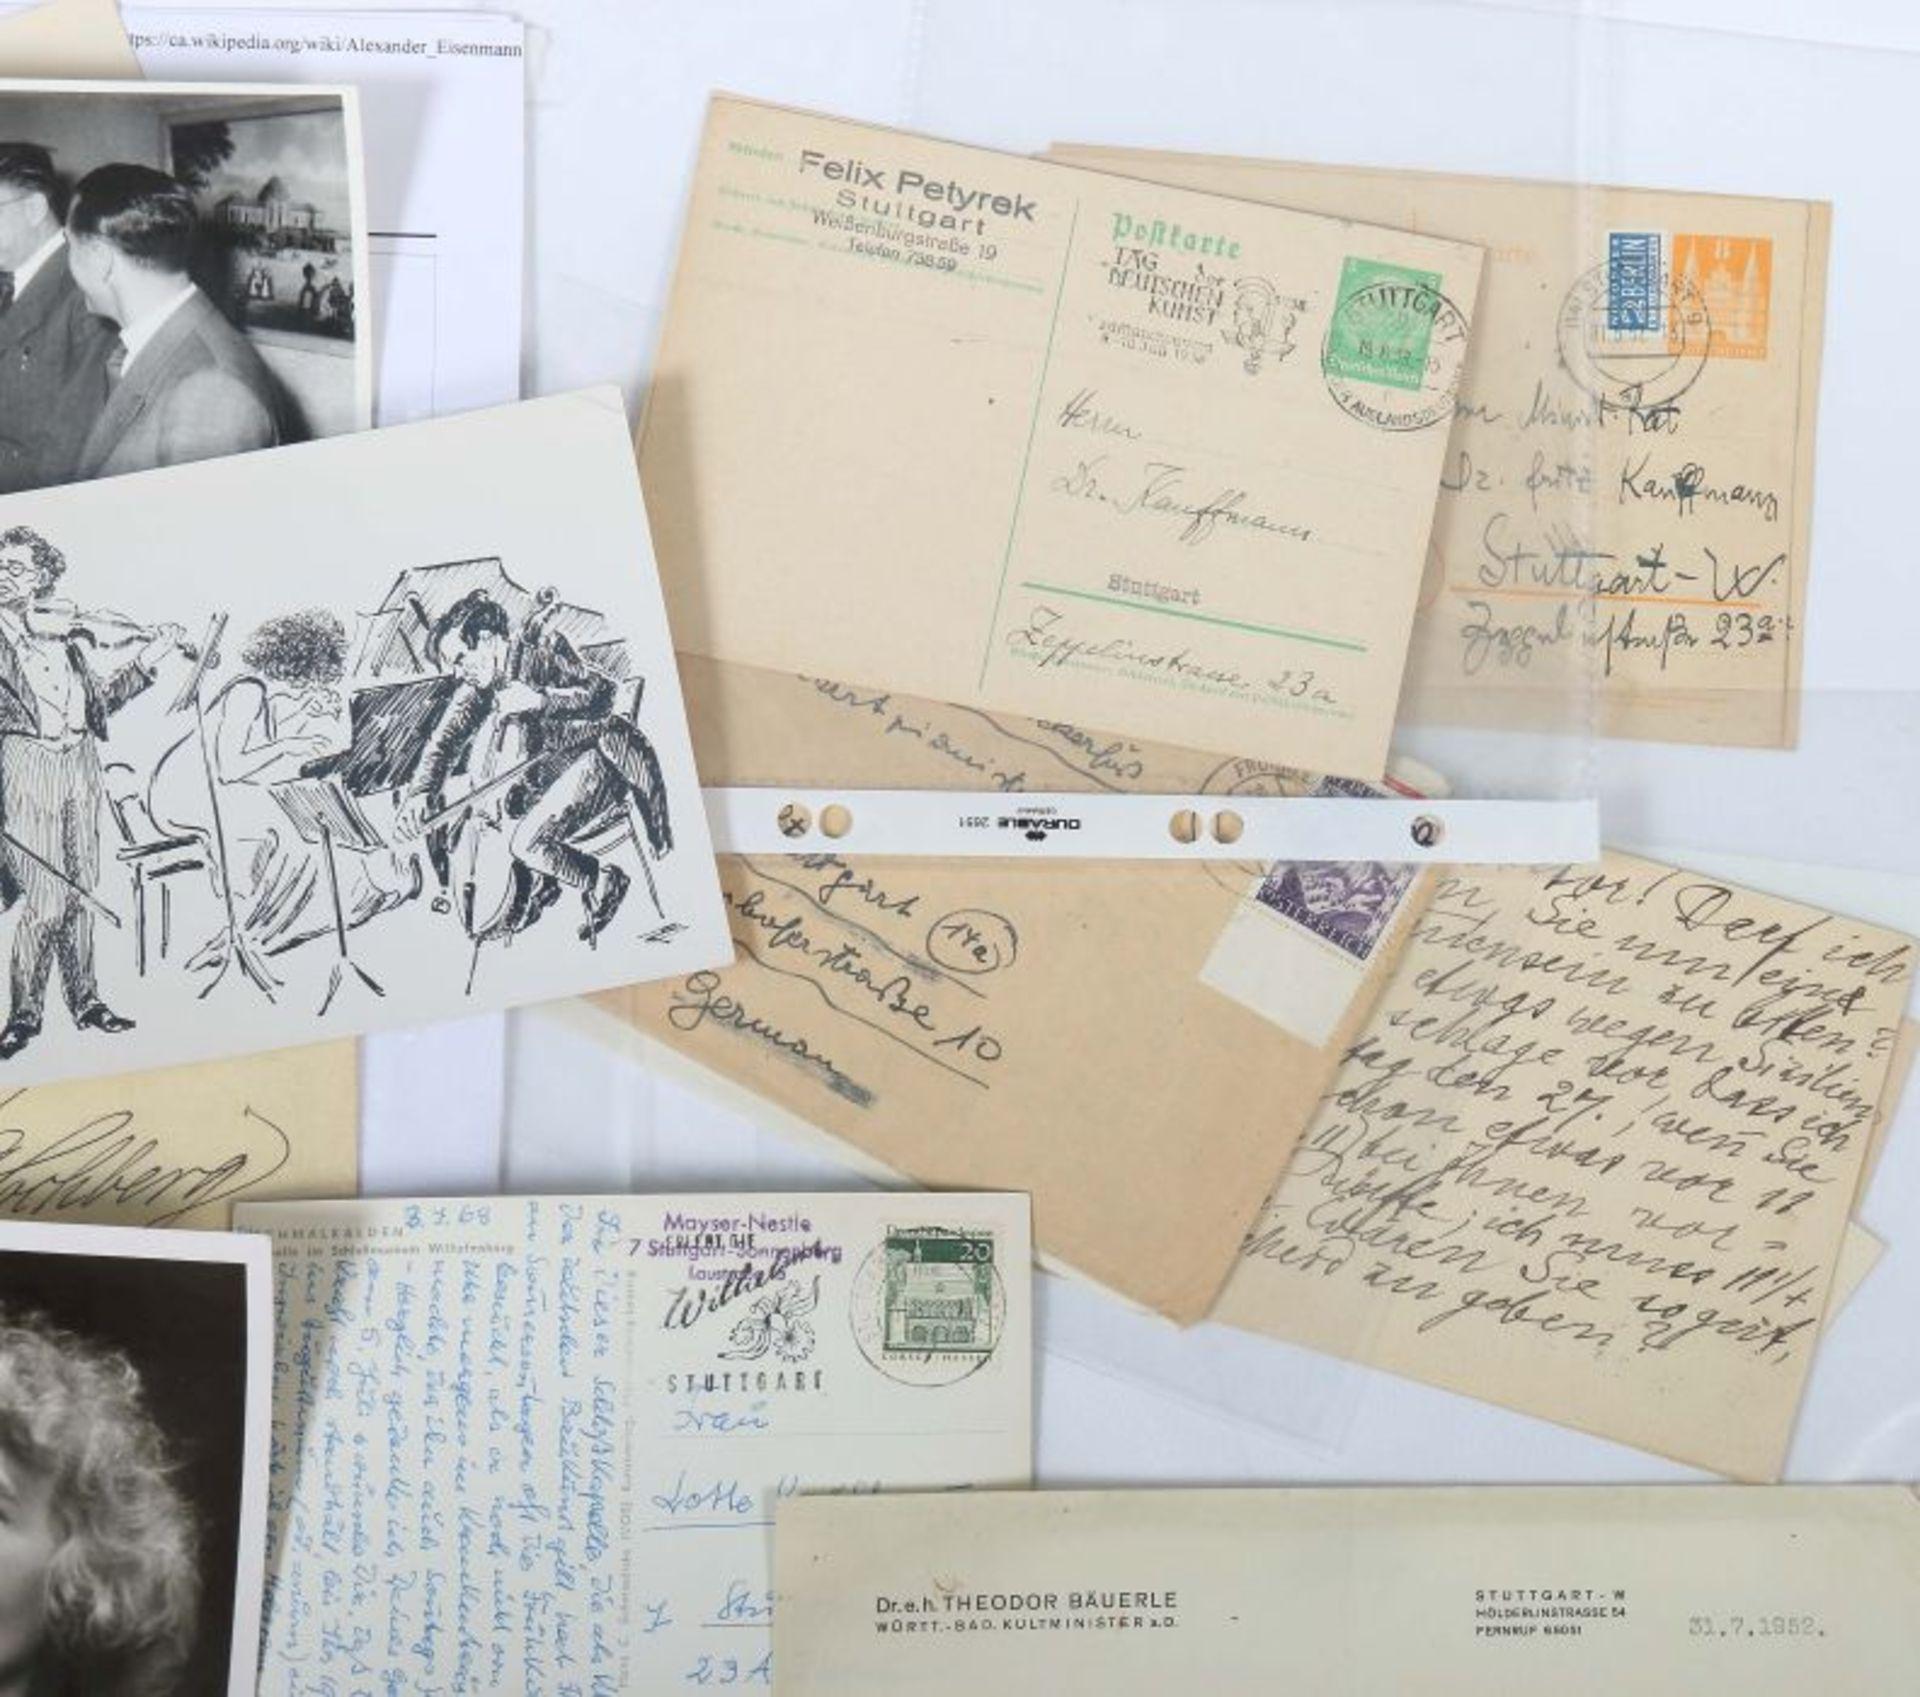 Künstlerkorrespondenzen Hand-/maschinengeschriebene Karten und Briefe u.a. von Felix Petyrek, - Bild 3 aus 5